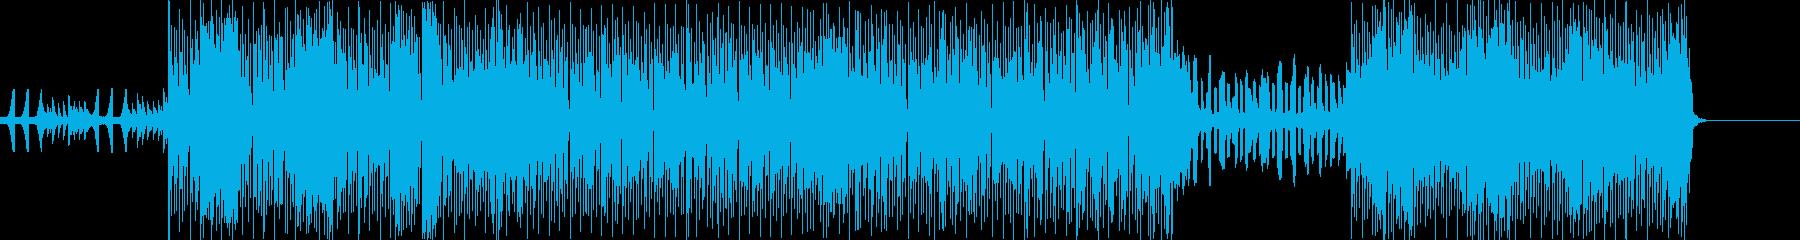 ゲーム音楽風のBGMです。の再生済みの波形